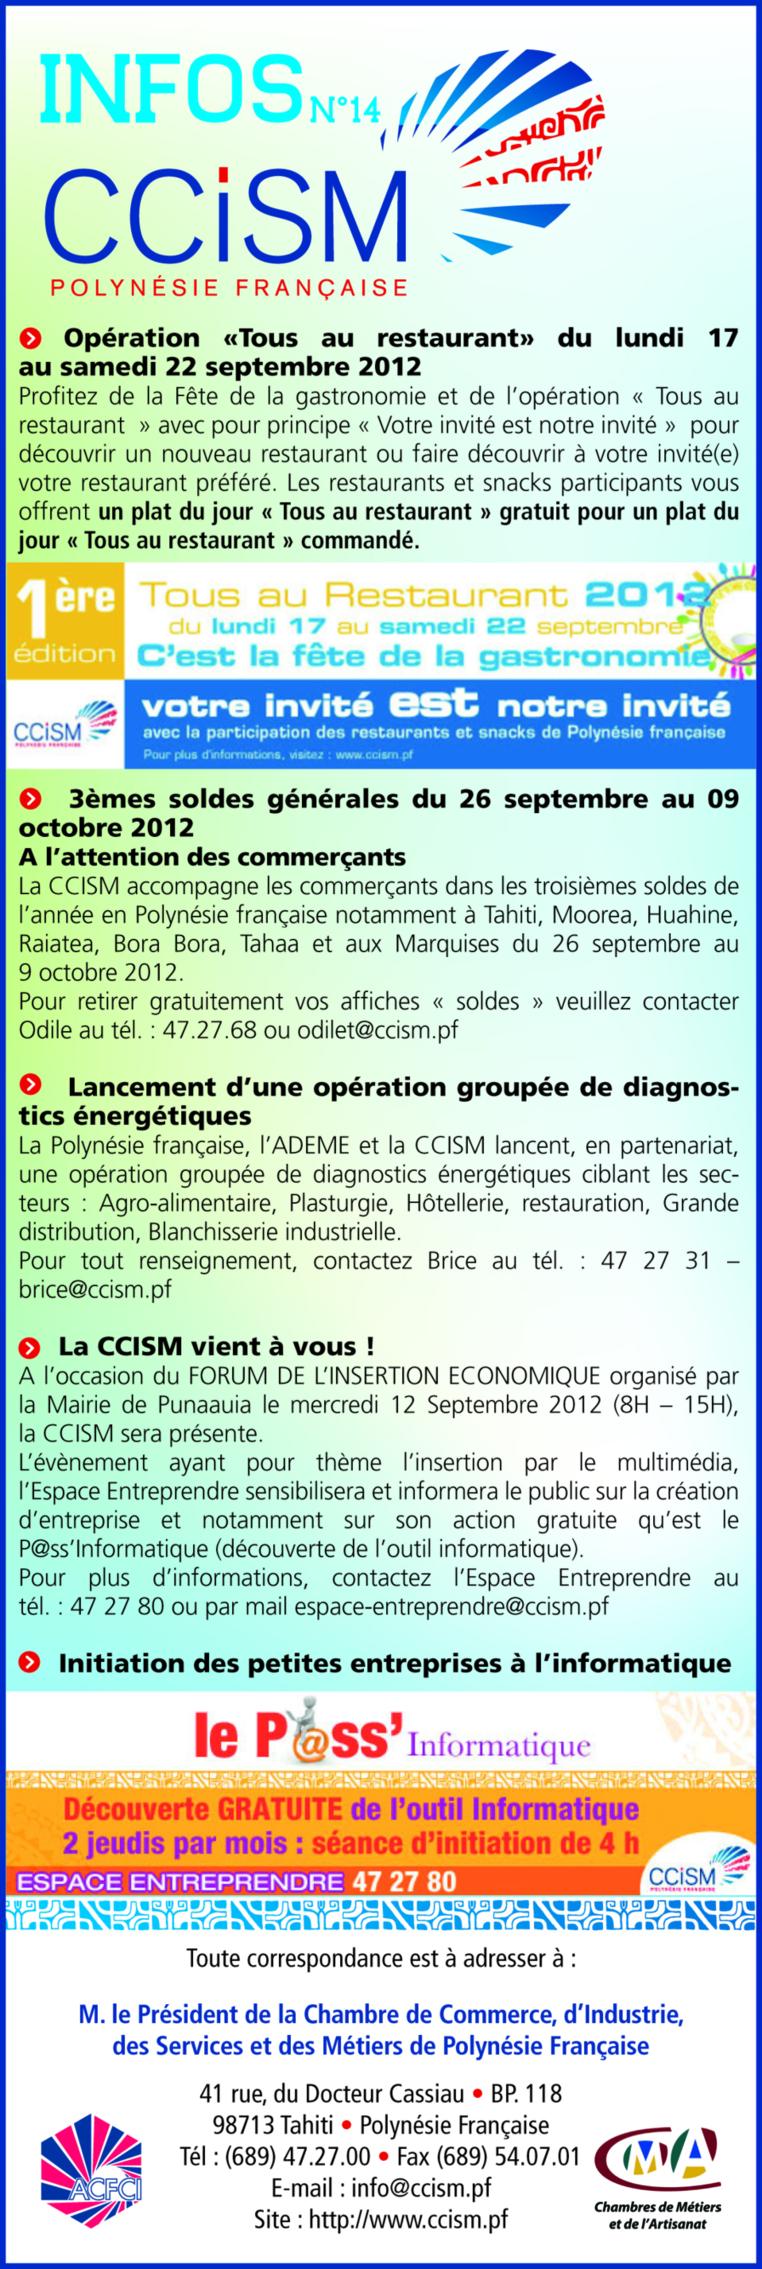 Infos CCISM N°14